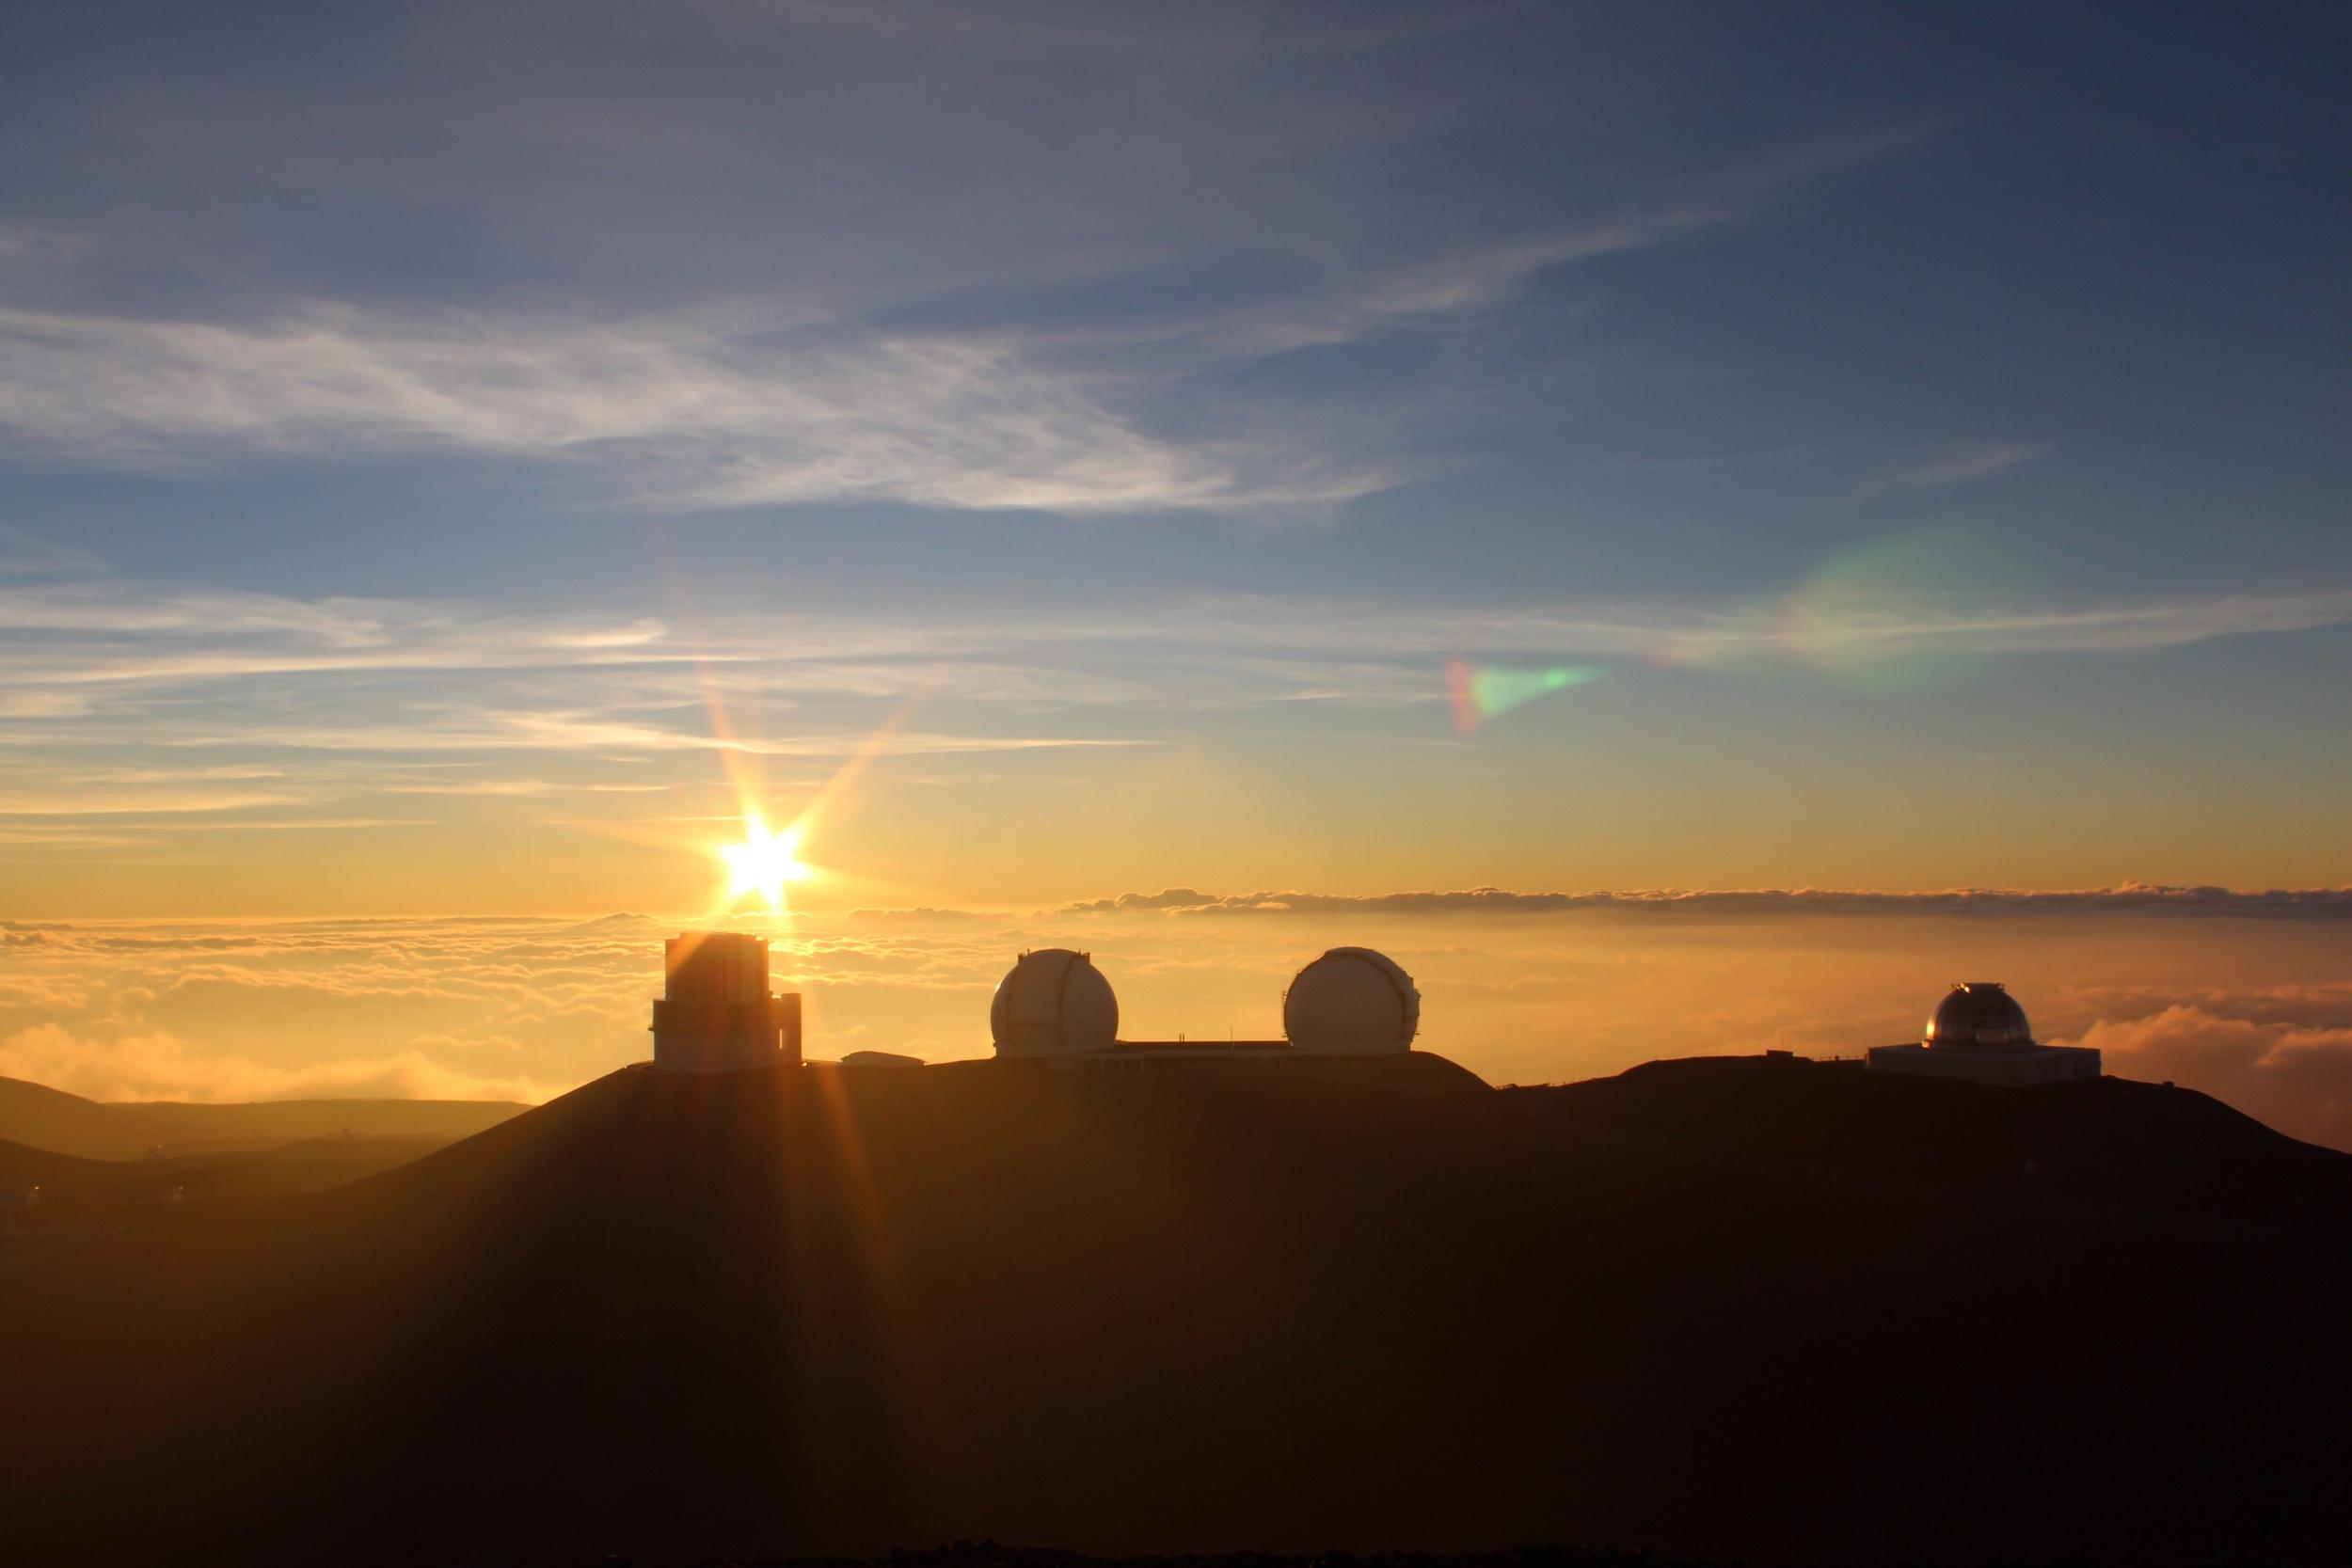 Sun setting past the telescopes